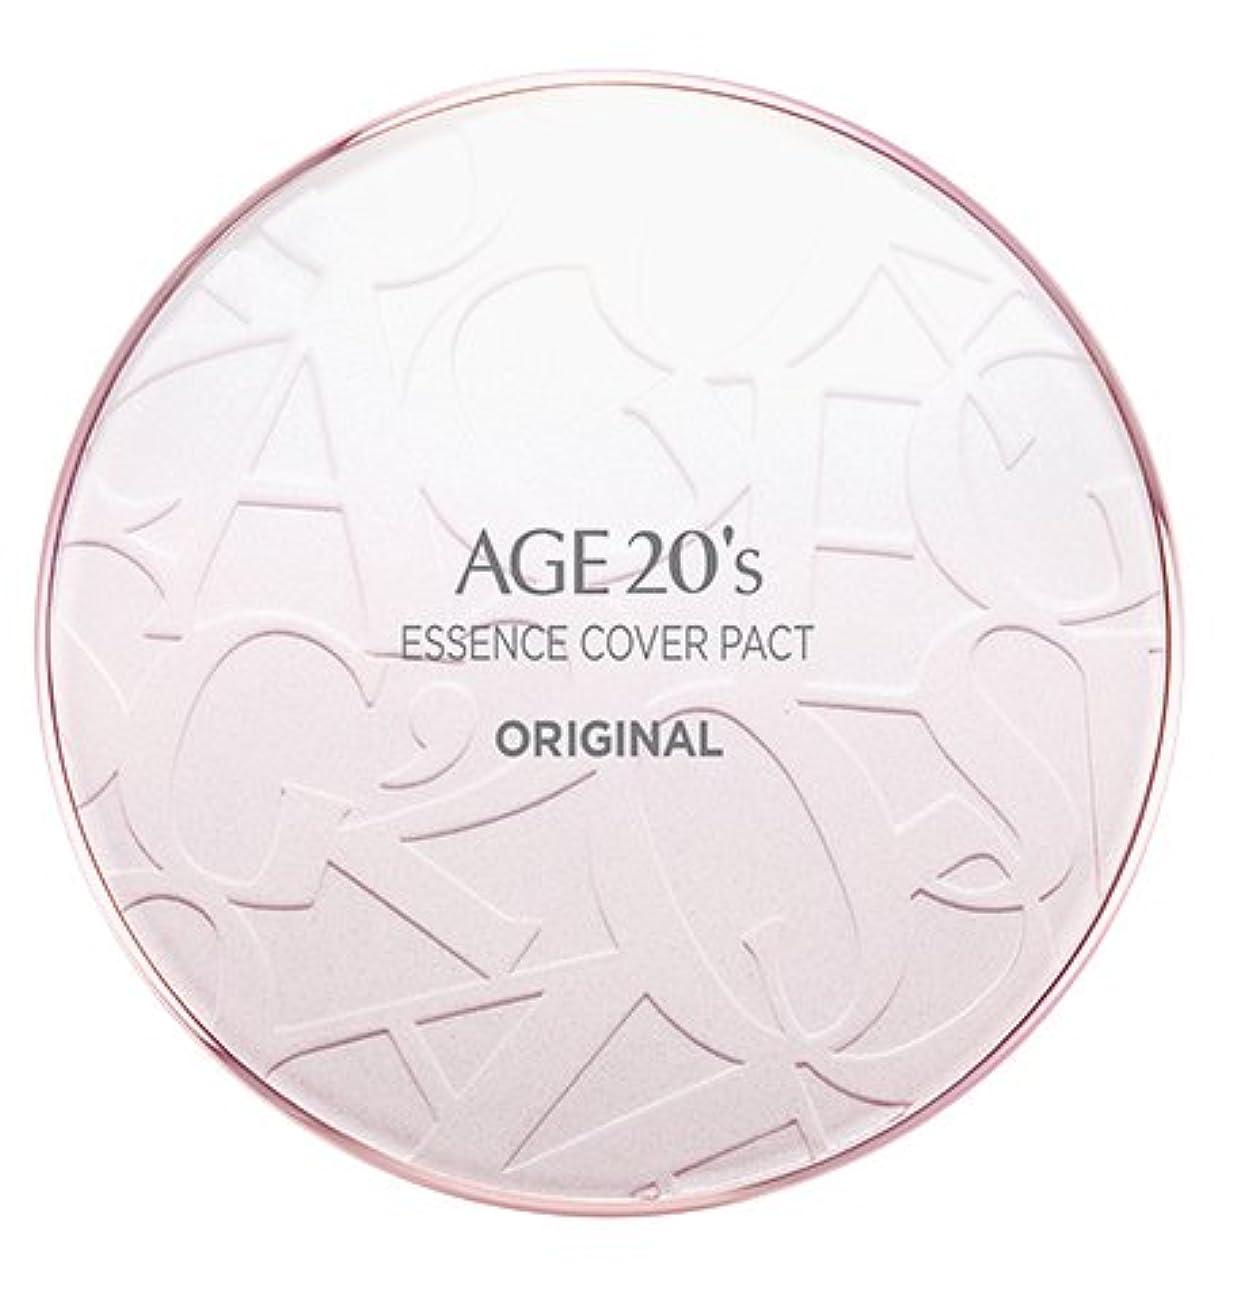 事故求人フリンジAGE 20's Essence Cover Pact Original [Pink Latte] 12.5g + Refill 12.5g (#21)/エイジ 20's エッセンス カバー パクト オリジナル [ピンクラテ] 12.5g + リフィル 12.5g (#21) [並行輸入品]